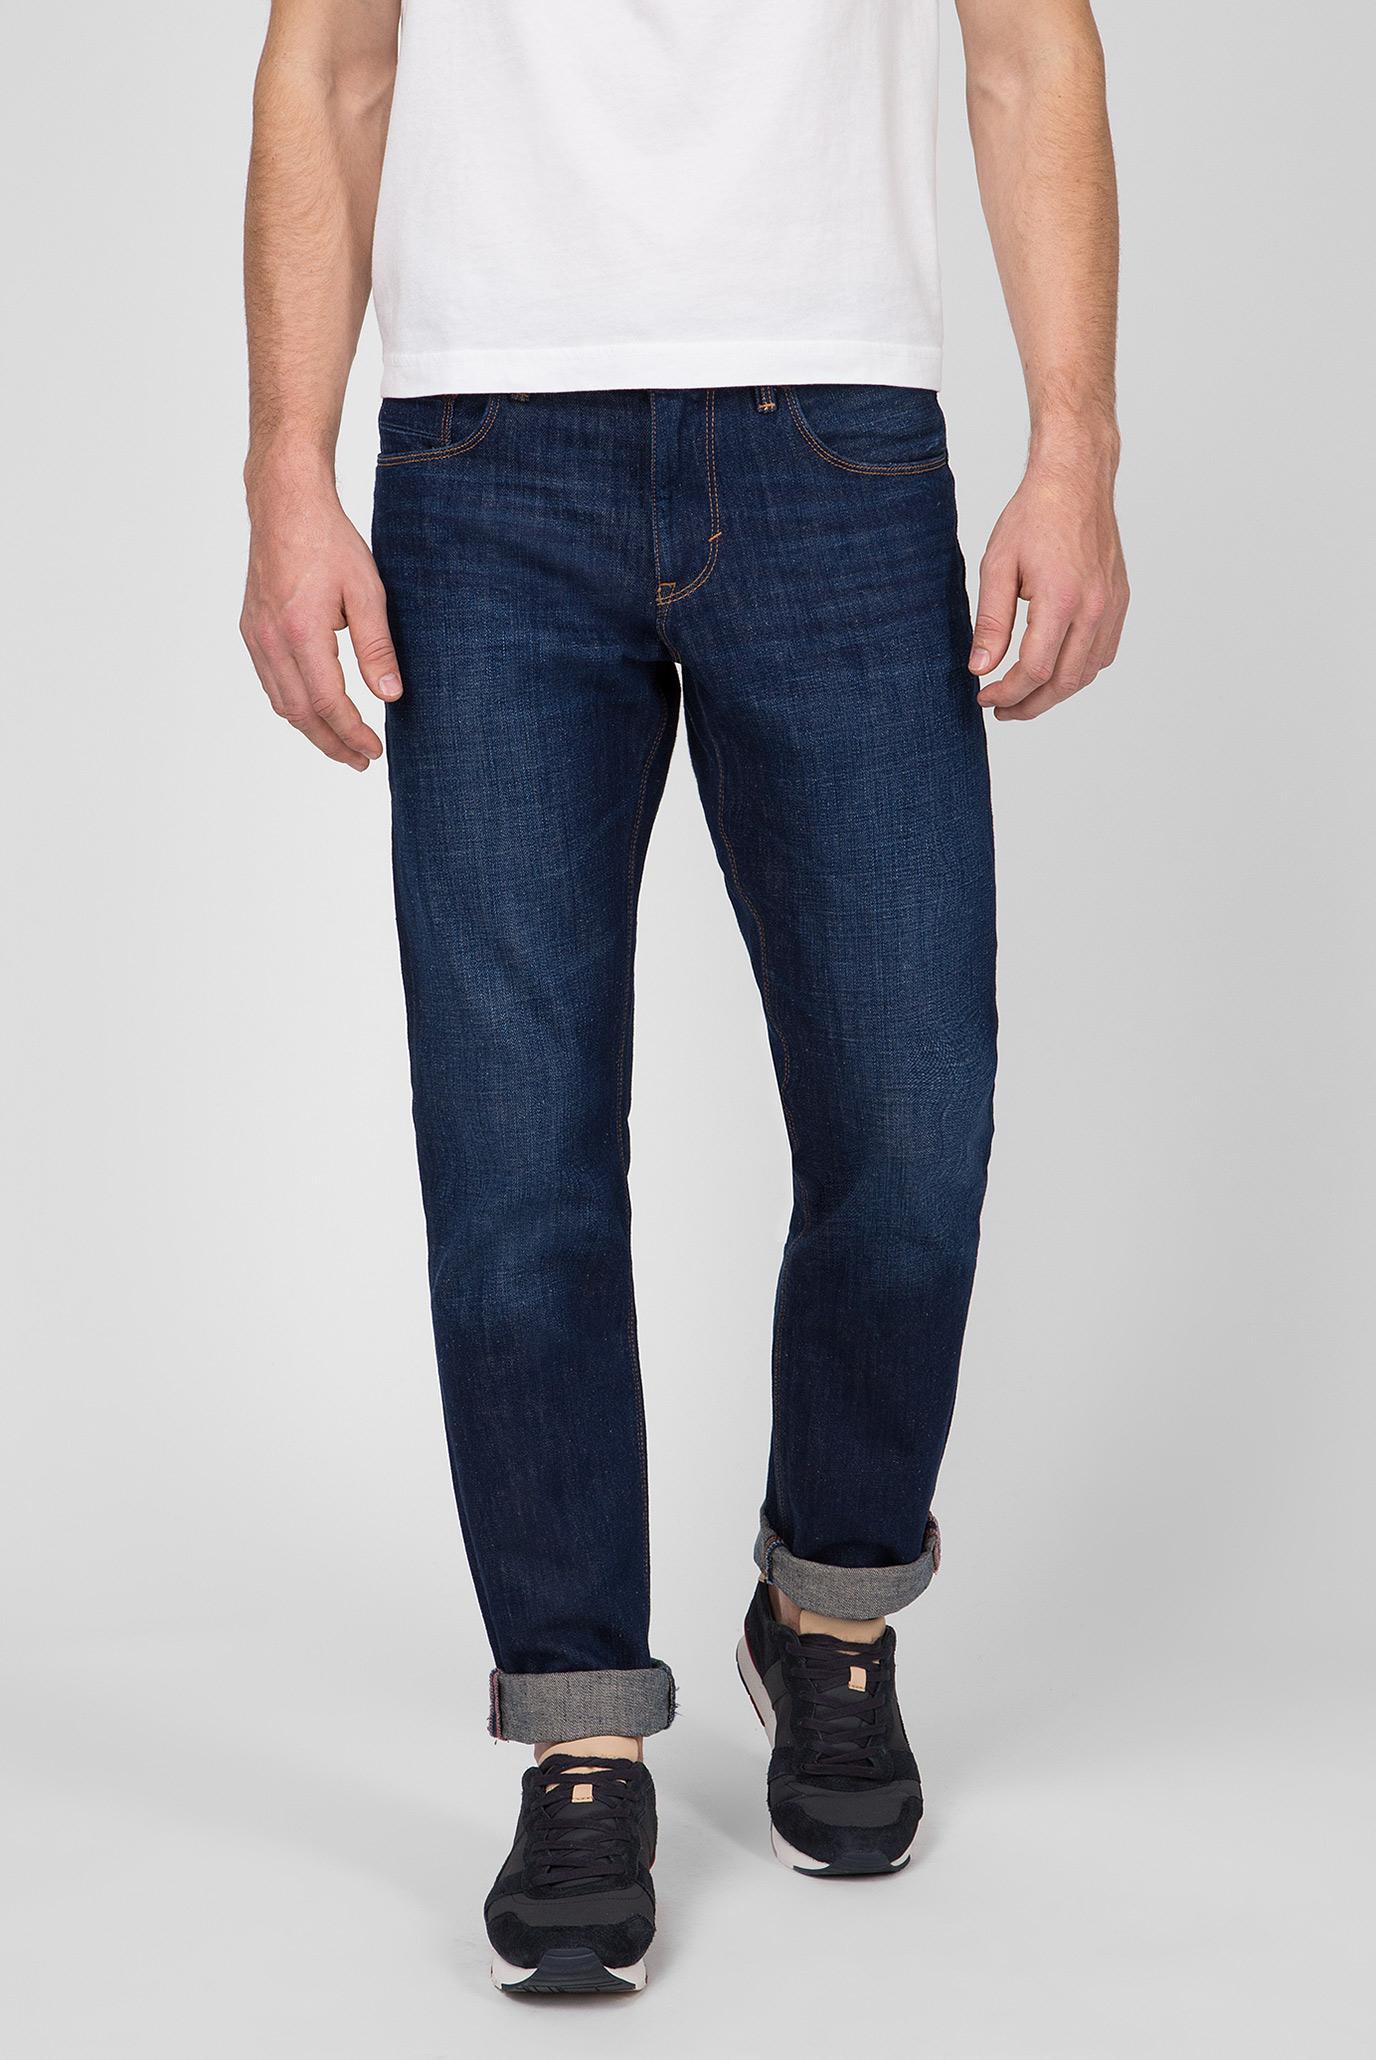 Купить Мужский синие джинсы REGULAR MERCER Tommy Hilfiger Tommy Hilfiger MW0MW08107 – Киев, Украина. Цены в интернет магазине MD Fashion